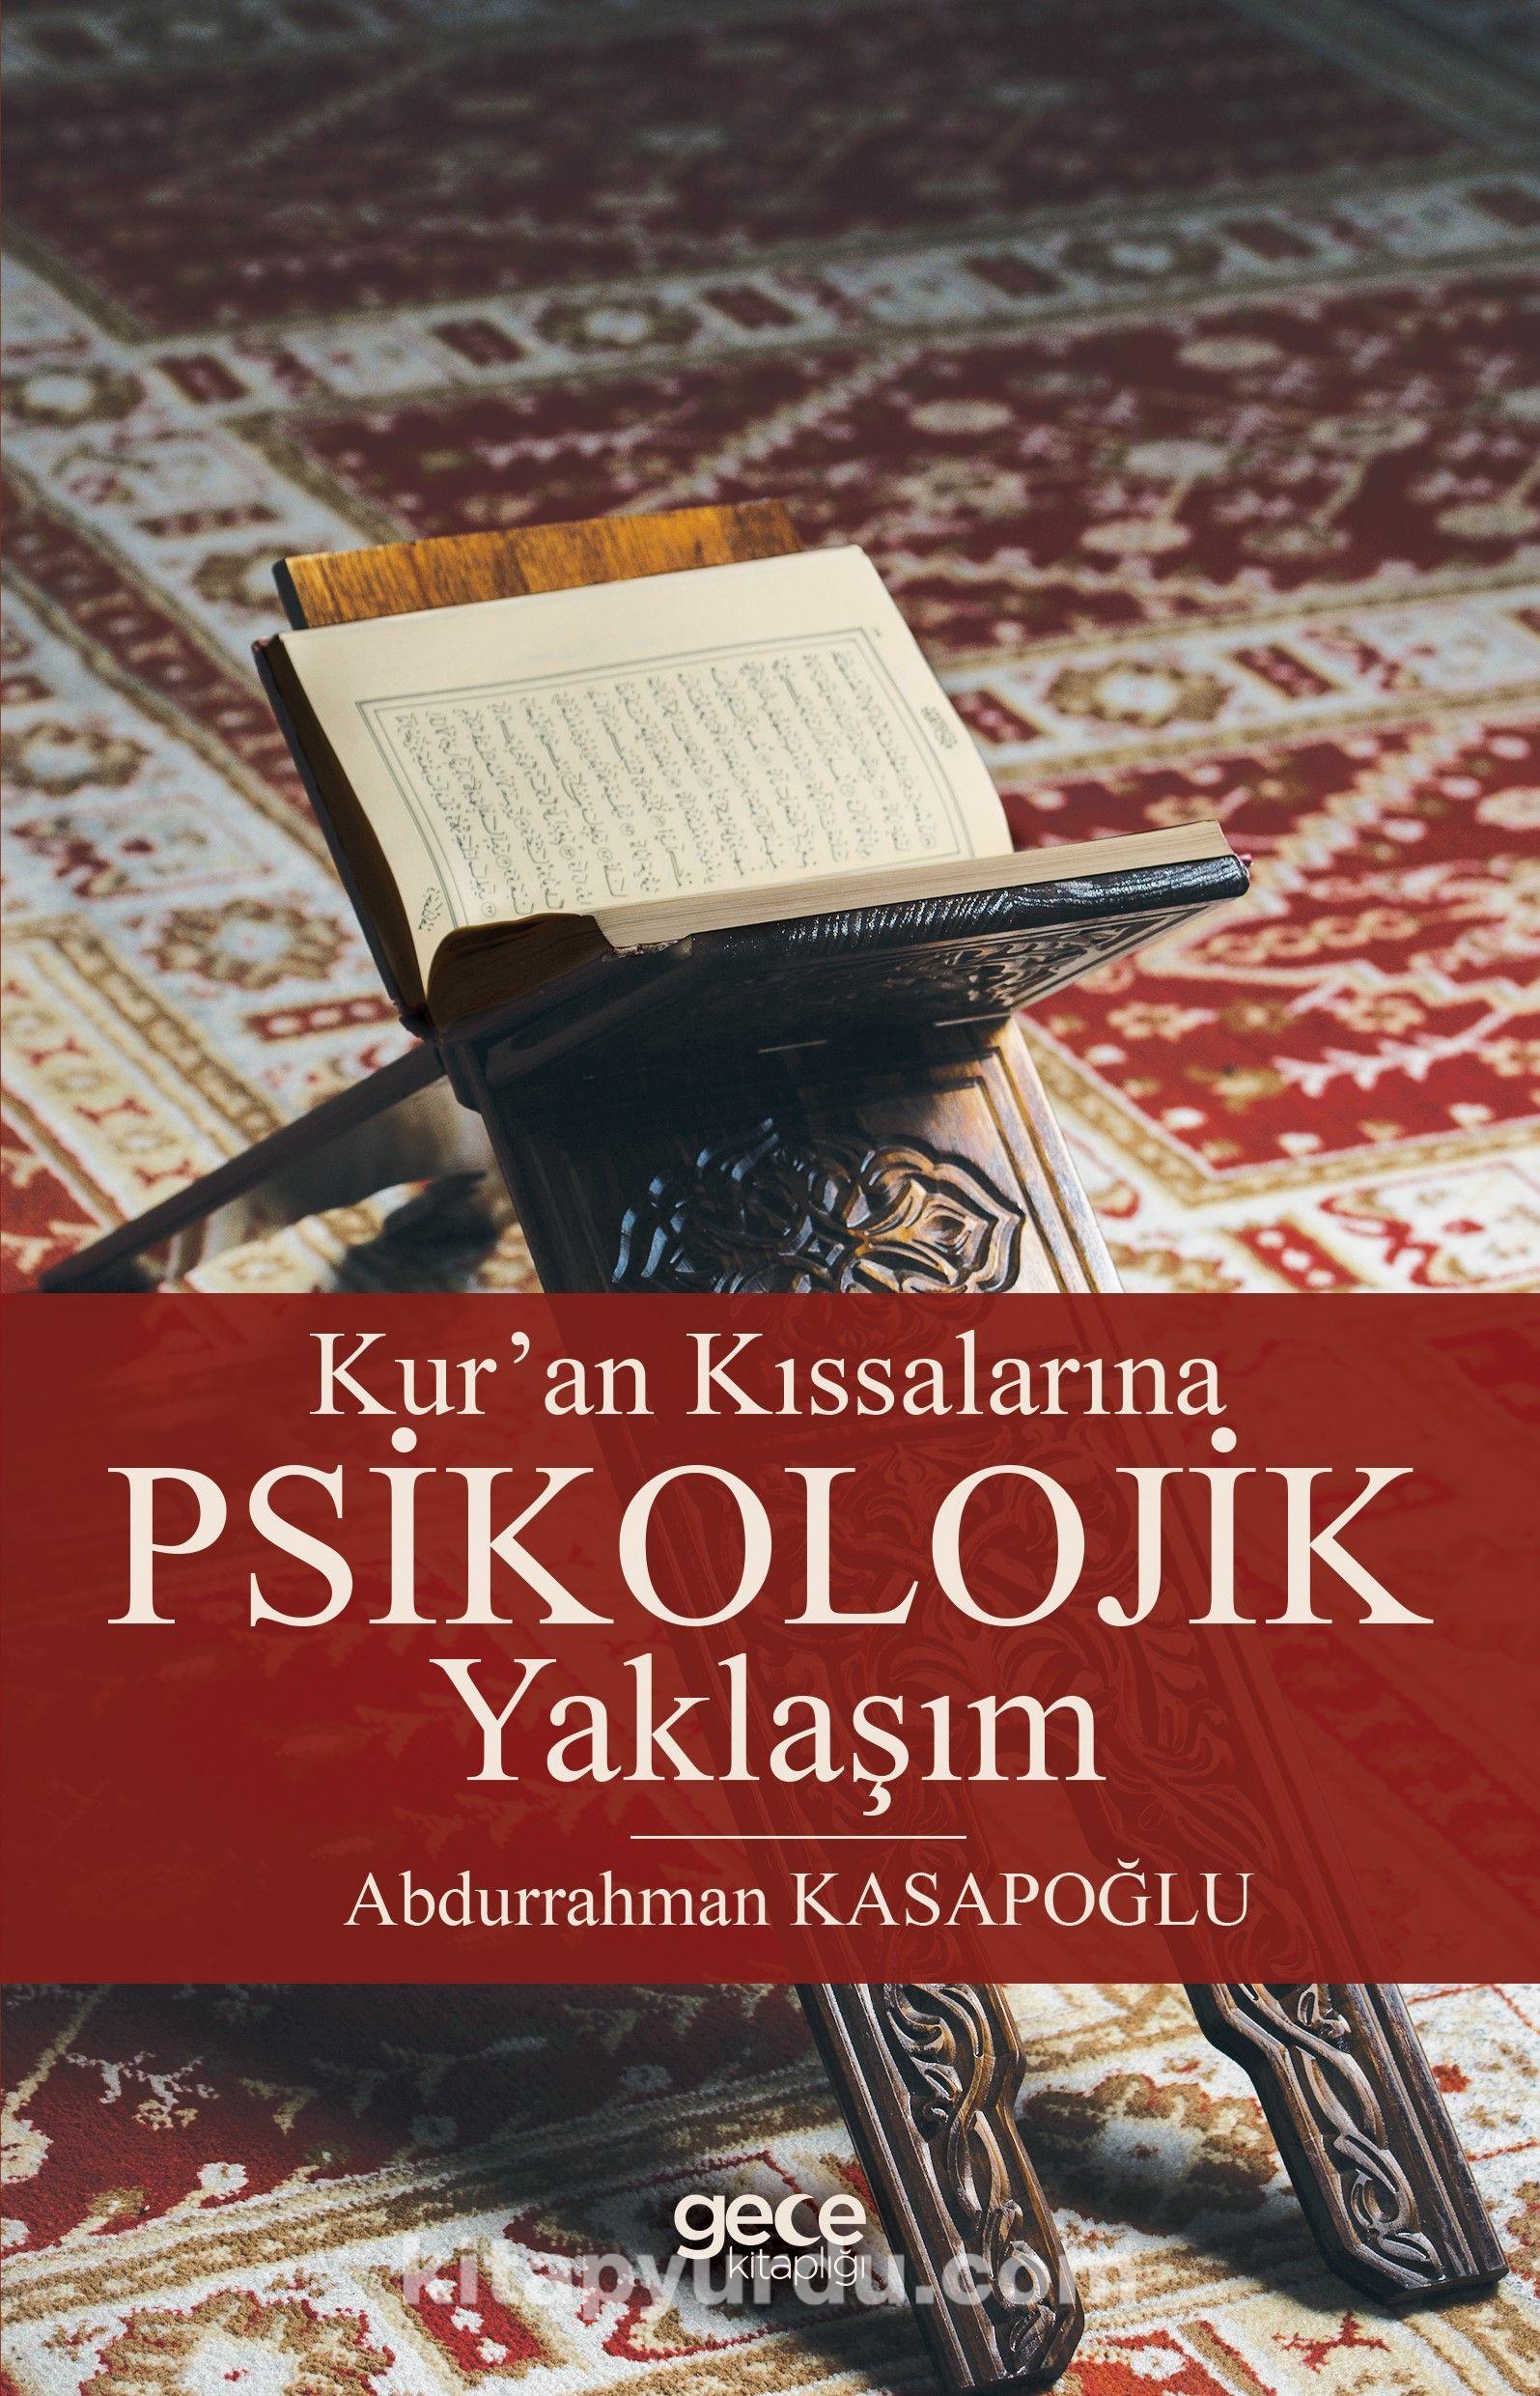 Kur'an KıssalarınaPsikolojik Yaklaşım